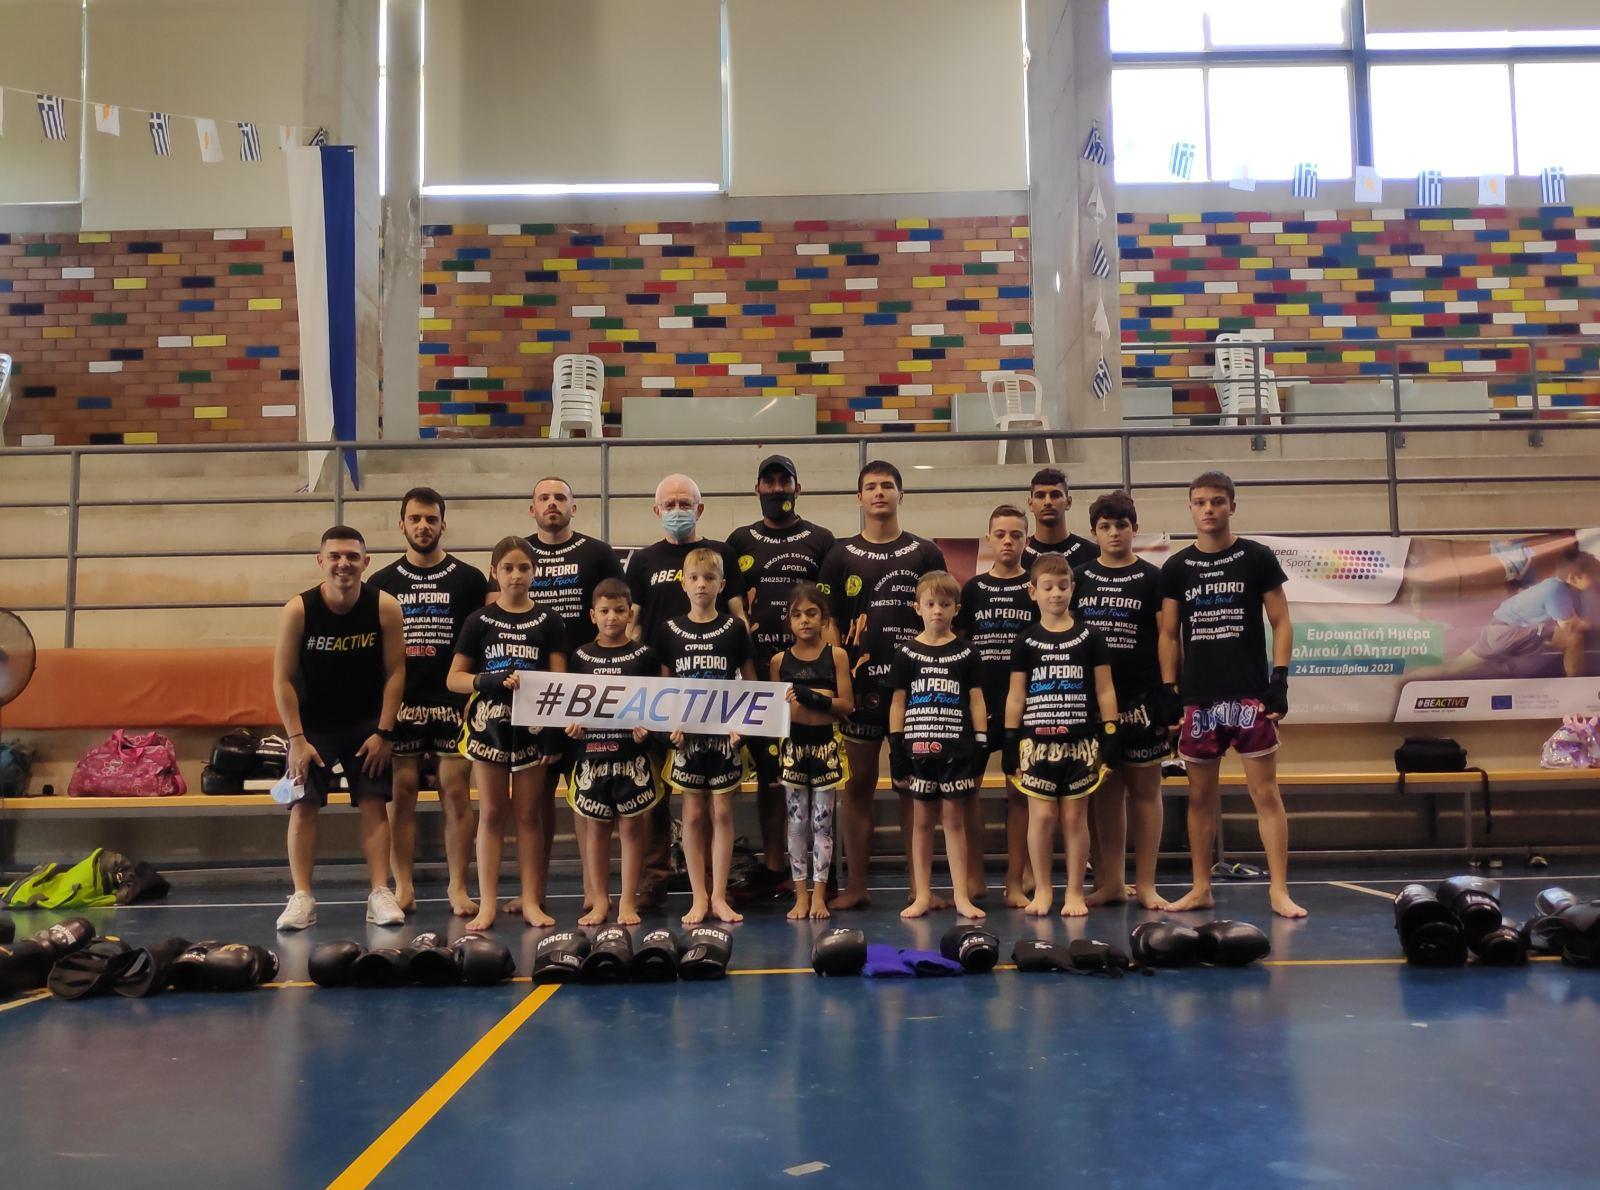 Συνέχεια της 7ης Ευρωπαϊκής Εβδομάδας Αθλητισμού #BeActive στον Δήμο Αθηένου  (φώτο)